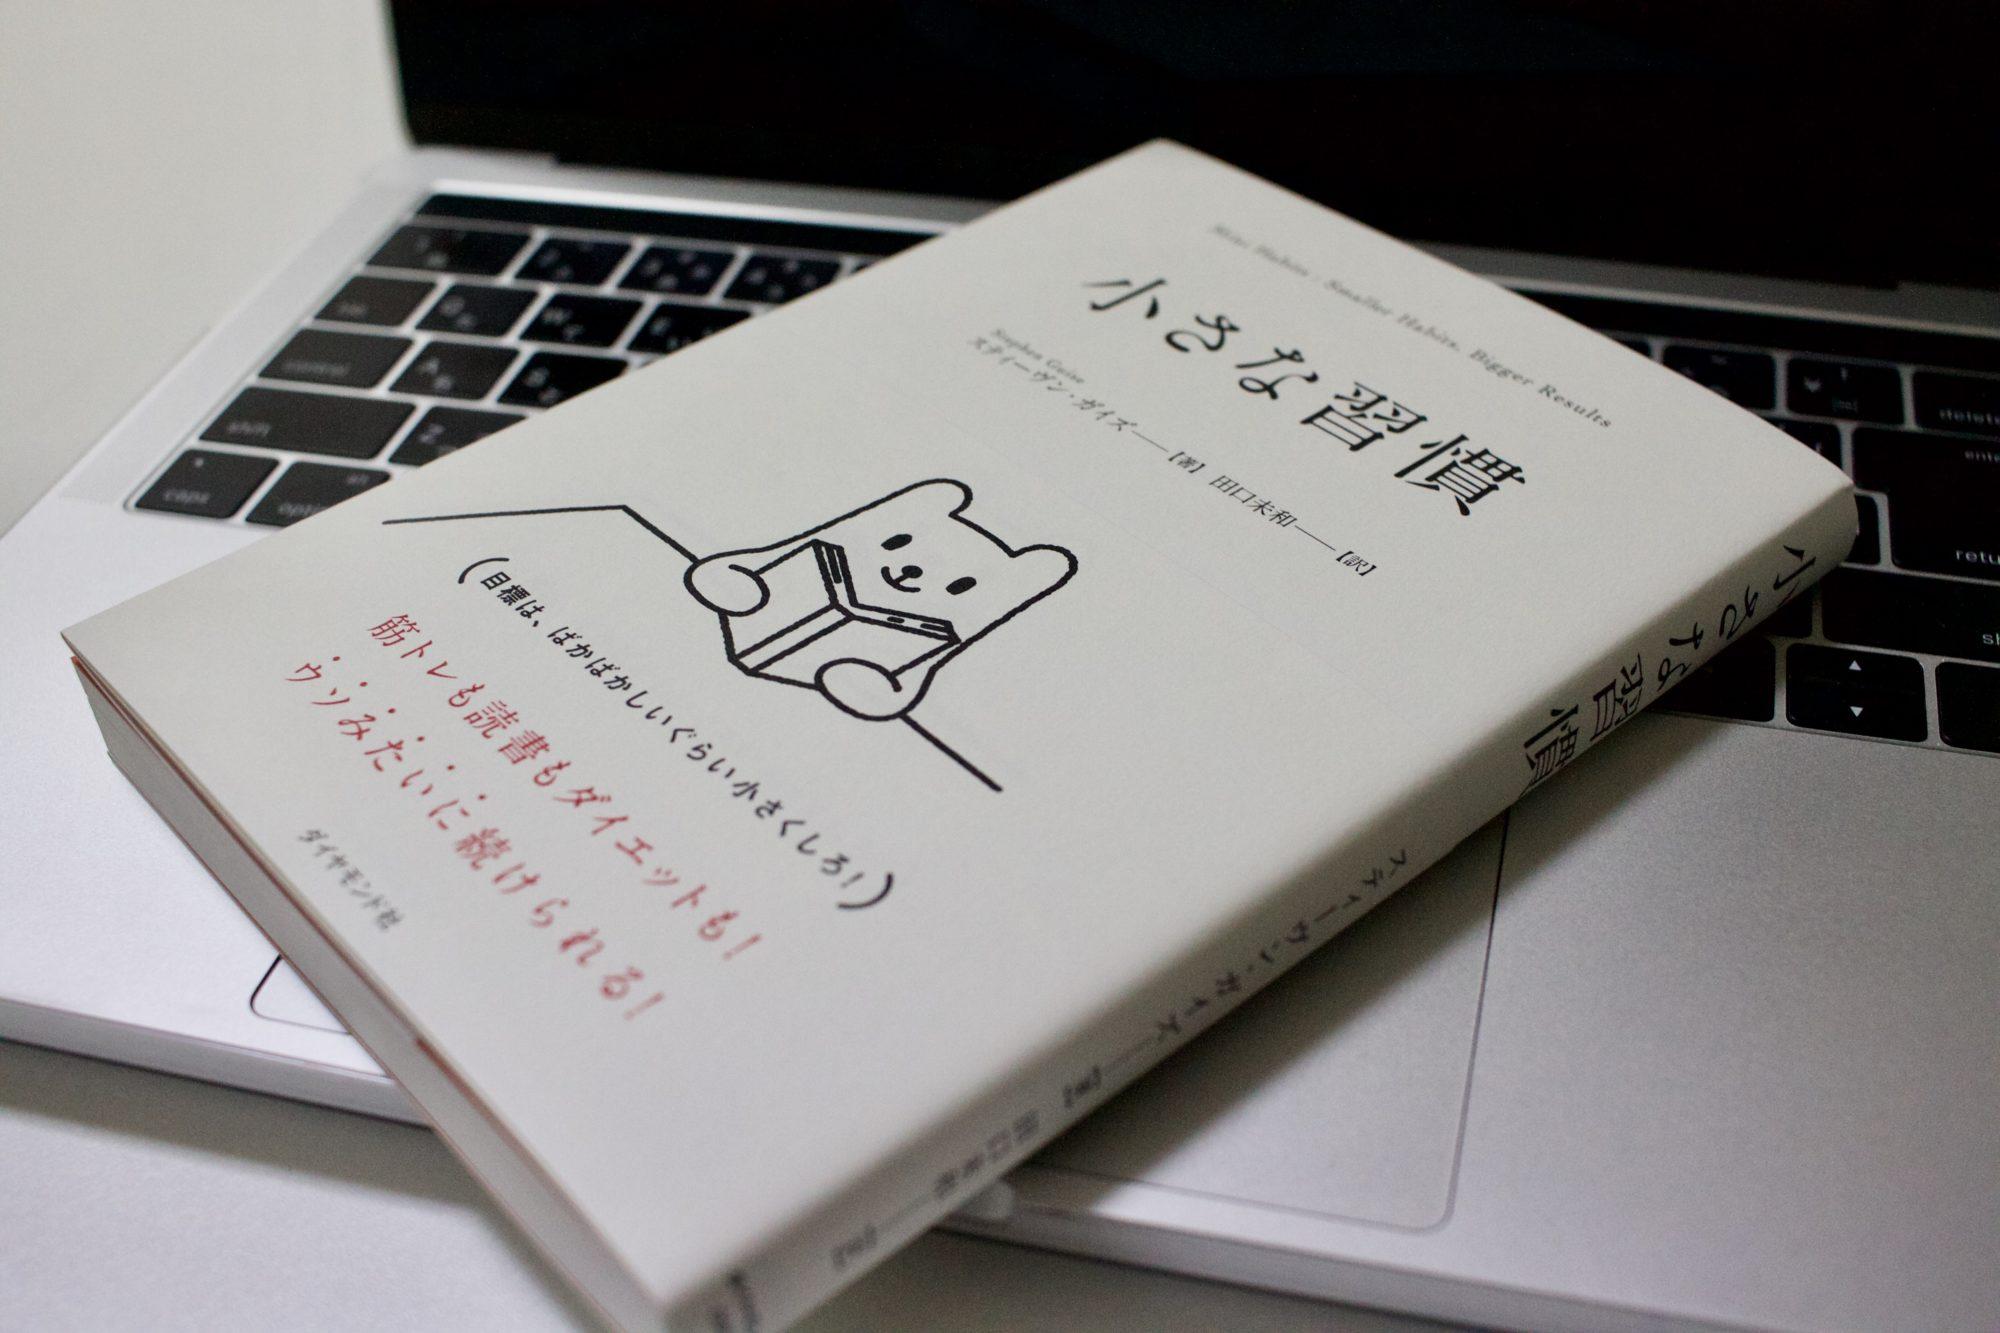 スティーヴン・ガイズ氏著「小さな習慣」を読み始めました!